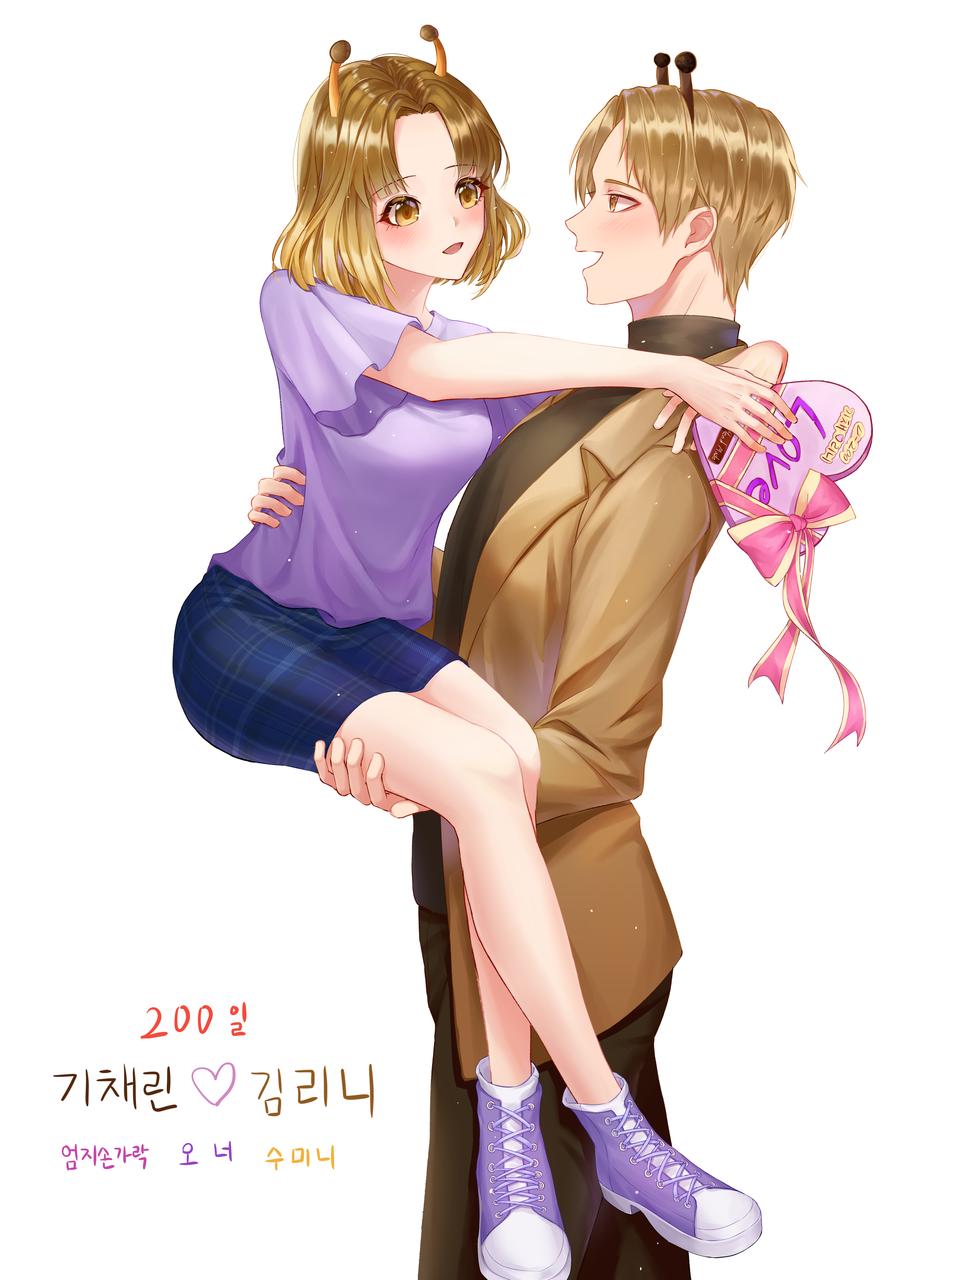 기채린♡김리니 200일+발렌타인 Illust of 엄지손가락👍 Feb2020:VDAY medibangpaint